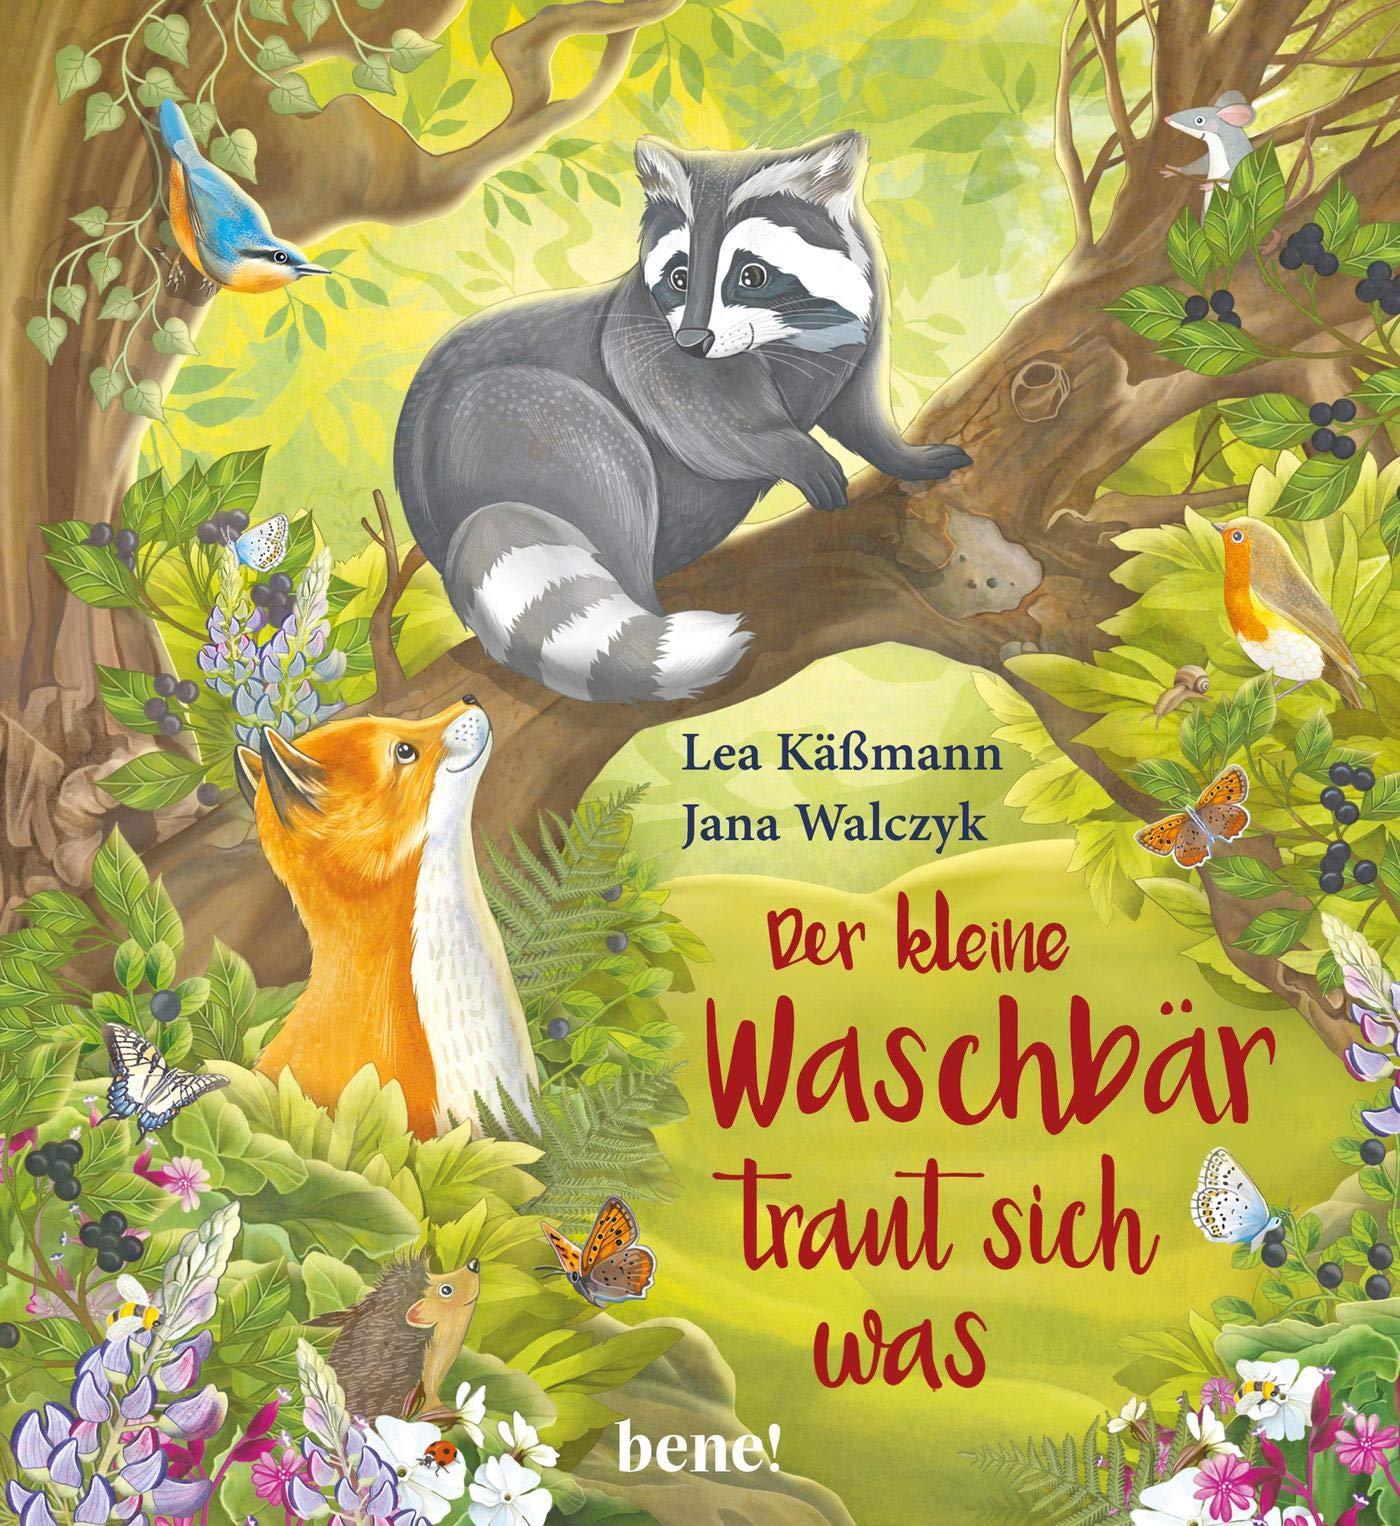 Lea Käßmann Der kleine Waschbär traut sich was